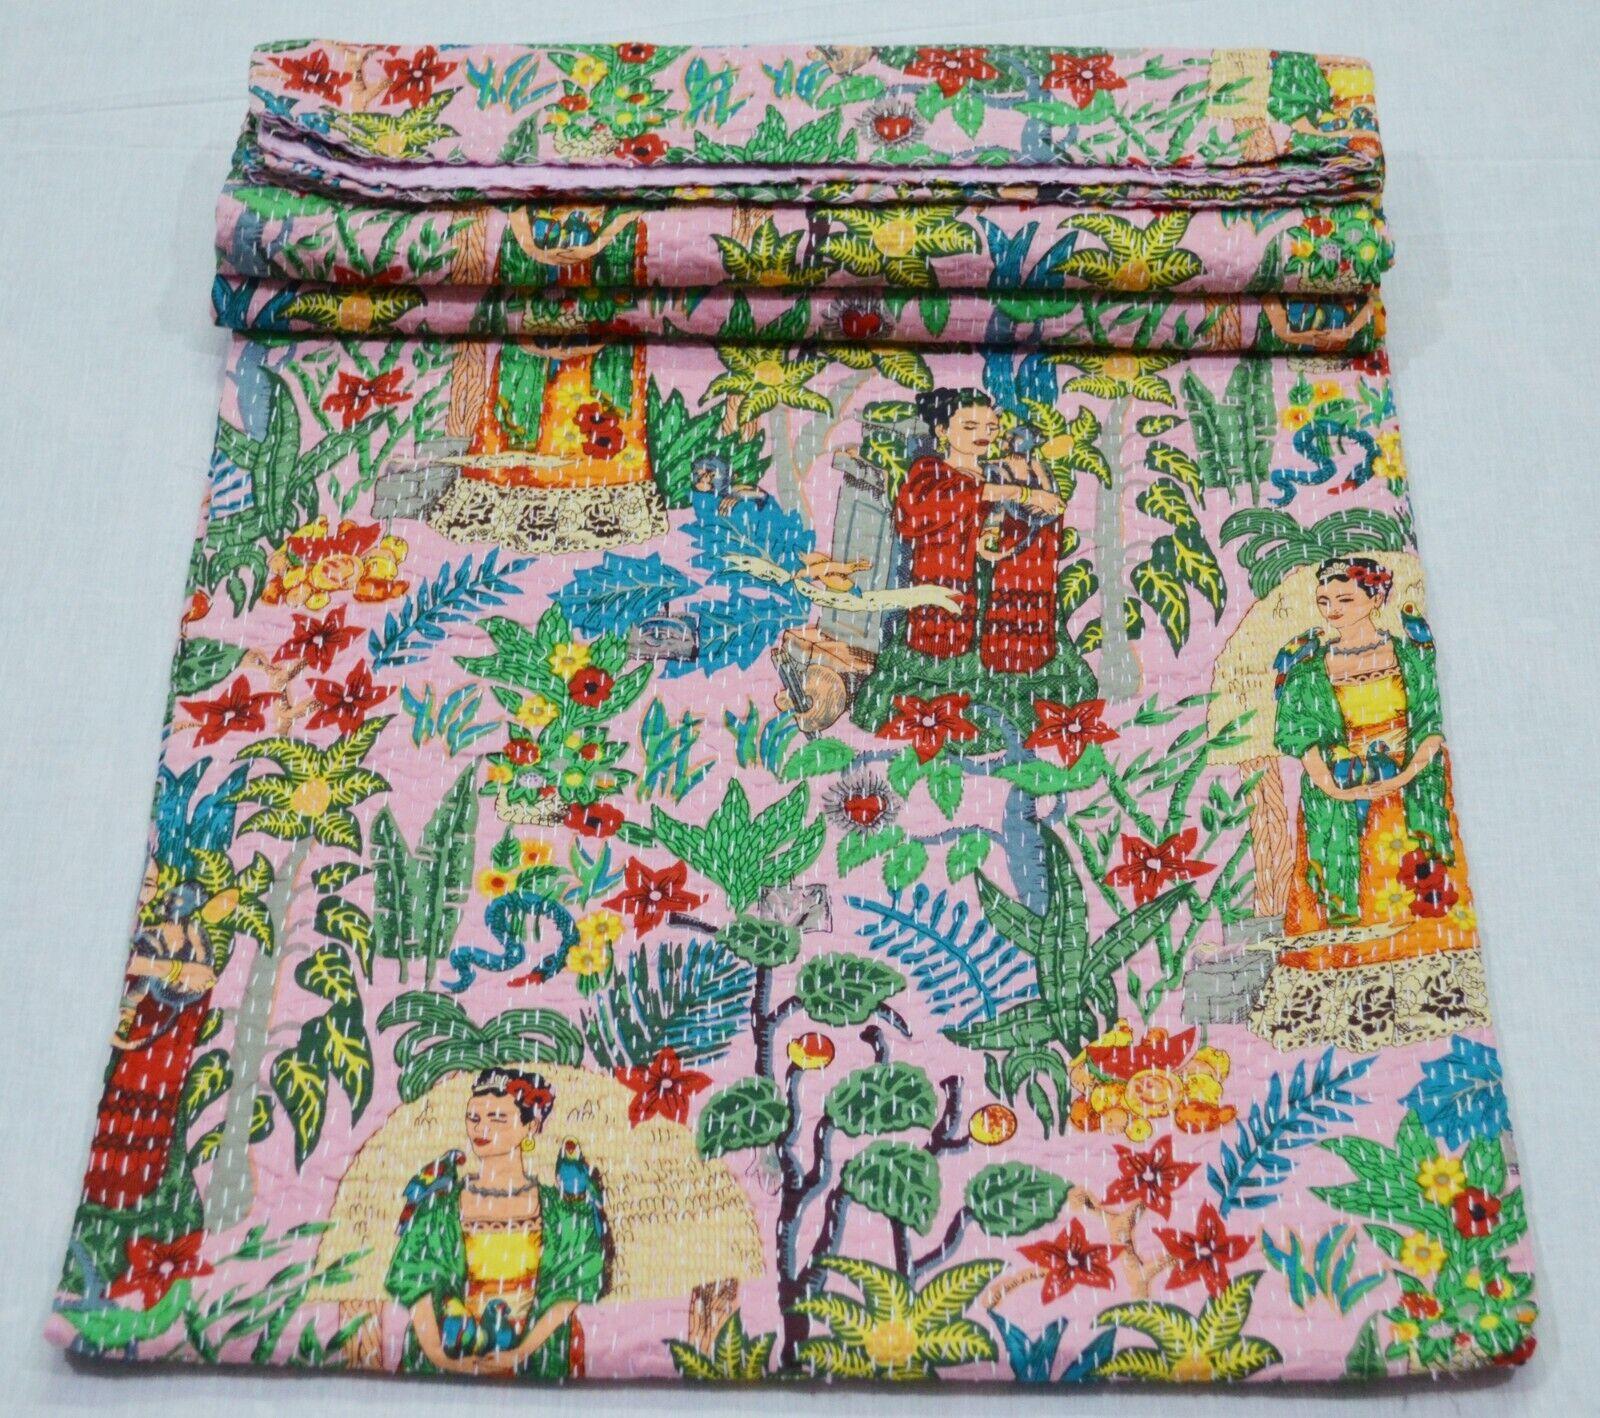 Zwilling Größe Neu Indische Baumwolle Wandleuchte Modern Kantha Decke Tagesdecke